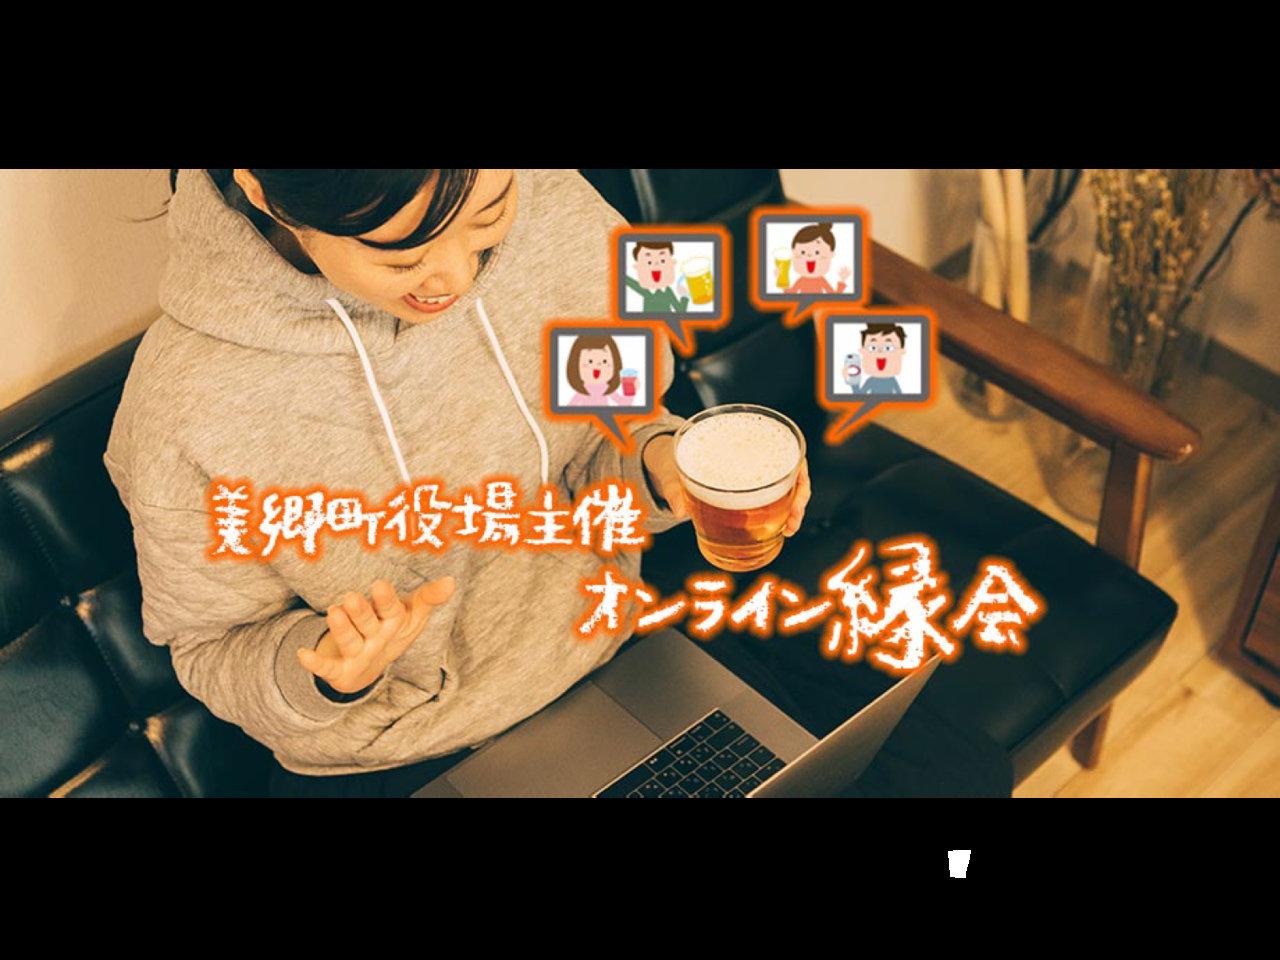 島根県美郷町役場が「Misatoオンライン縁会」を8/20に開催!